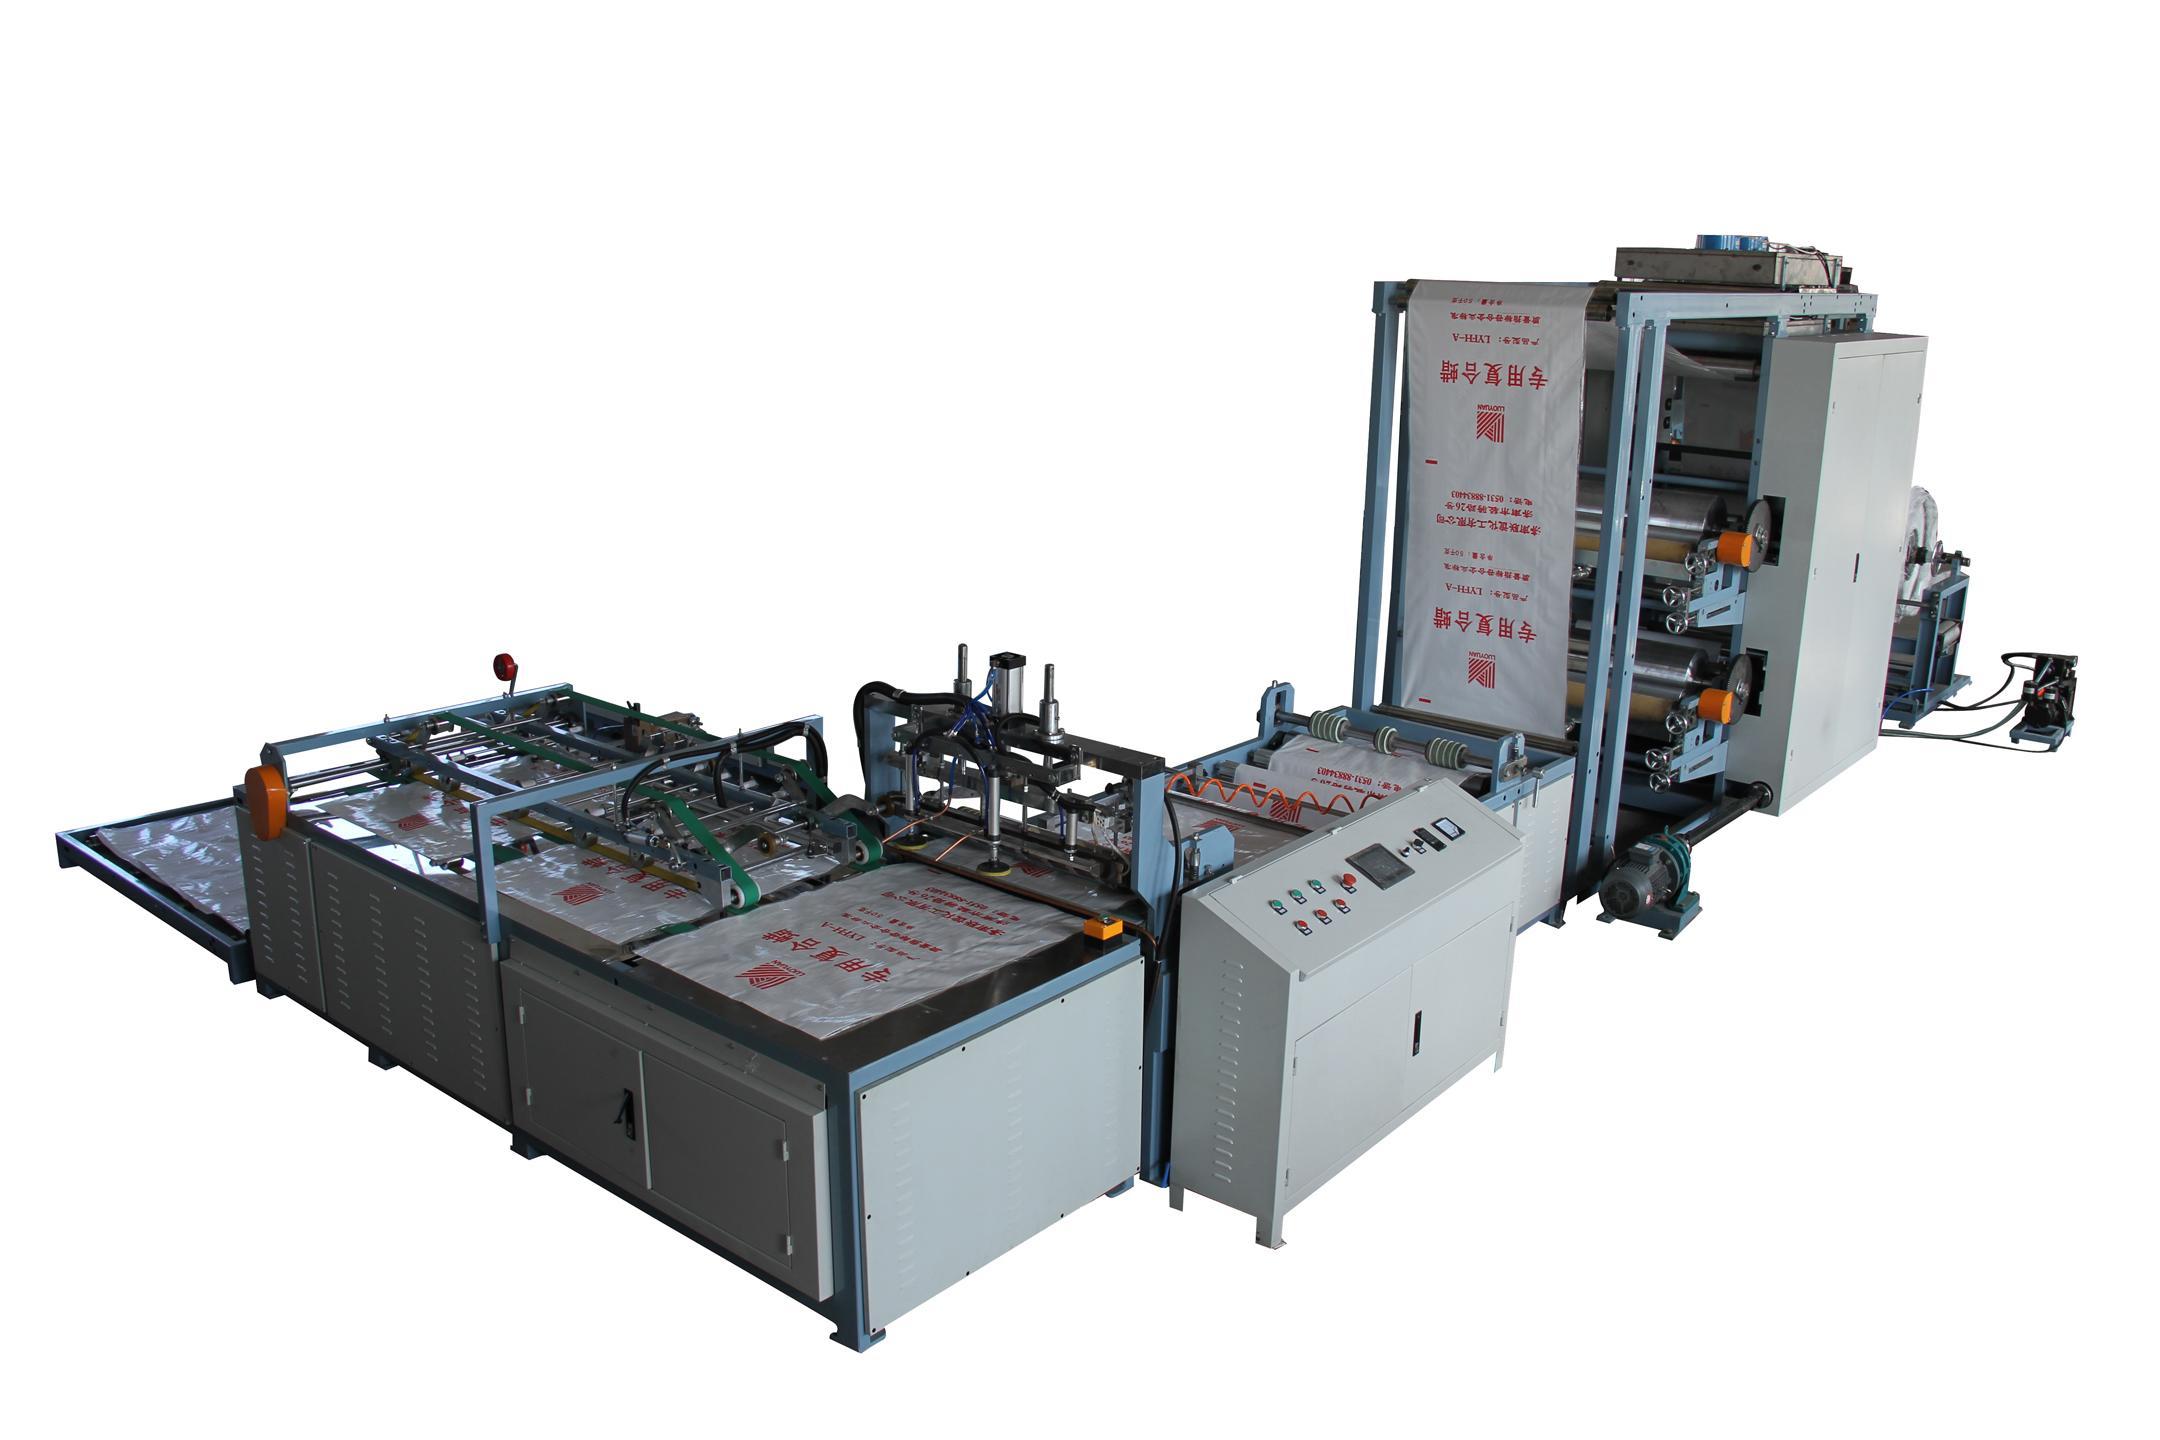 切缝机 印切缝一体机 印刷切缝一体机 裁切机